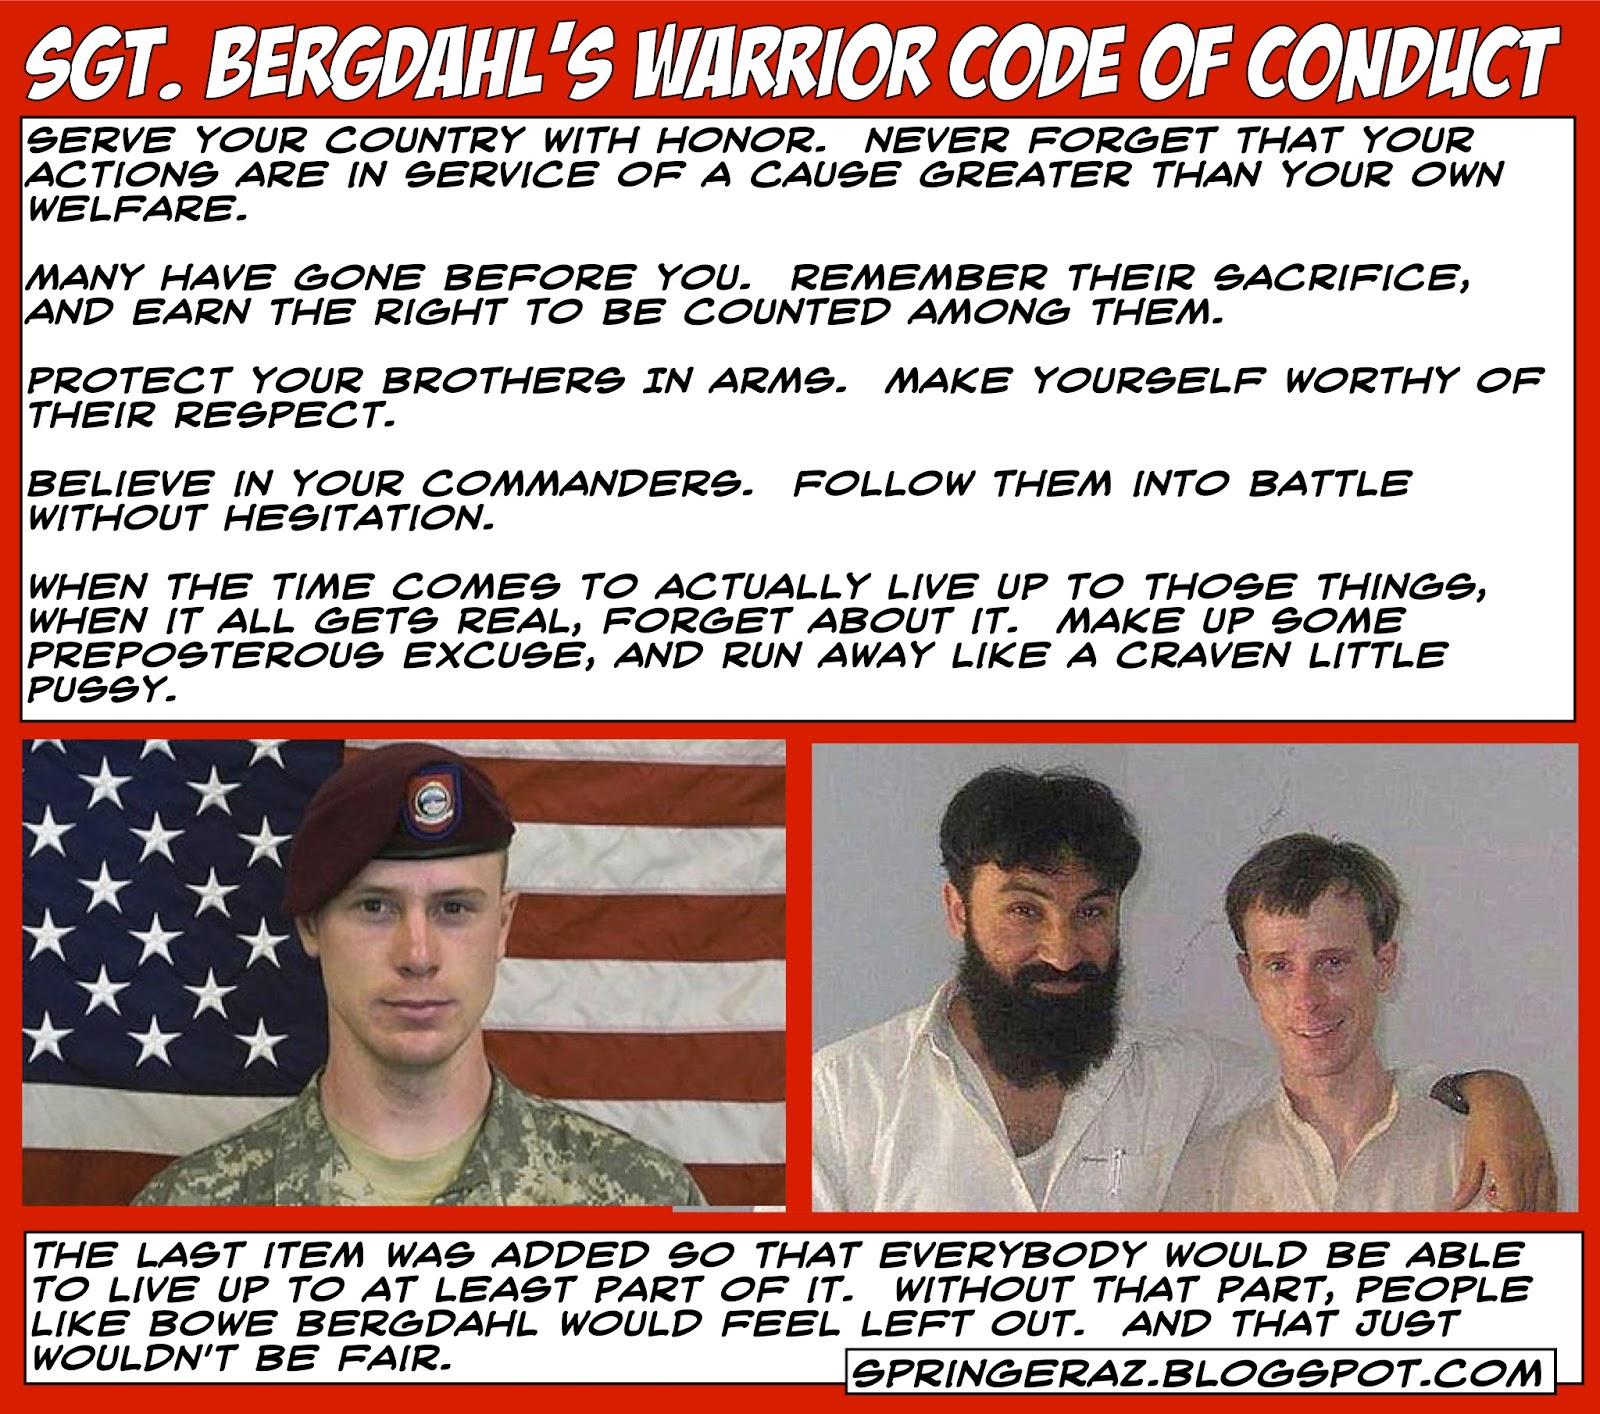 Warriors The Broken Code 3: Springer's Blog: Sgt. Bergdahl's Warrior Code Of Conduct